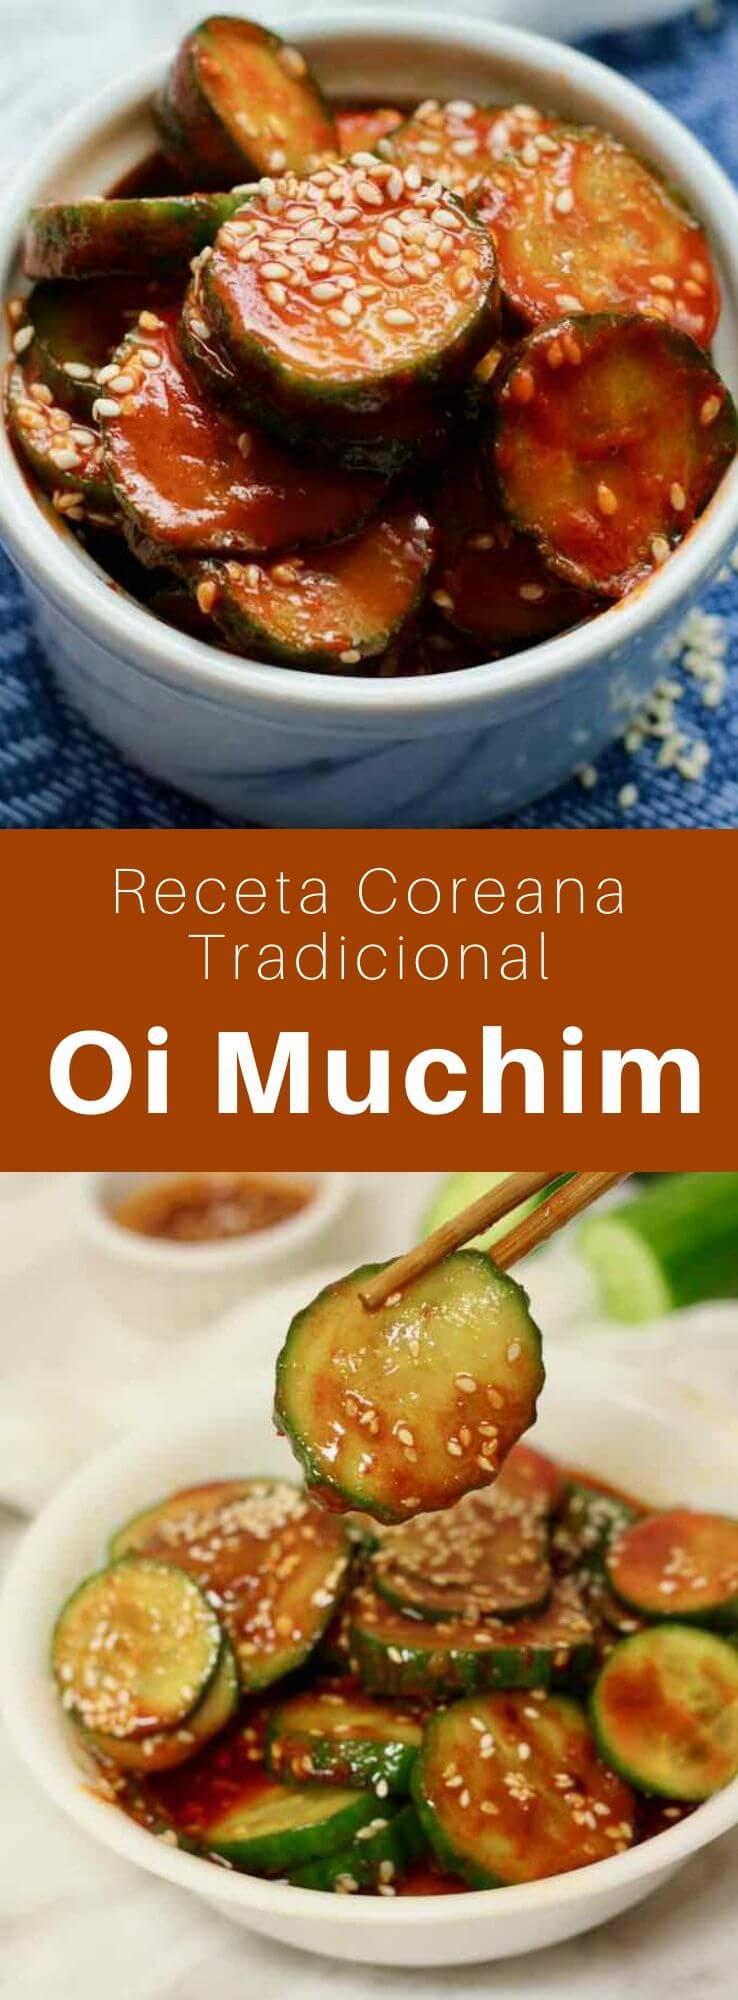 El oi muchim es una deliciosa ensalada tradicional de Corea que se prepara con pepino y hojuelas de pimiento rojo.